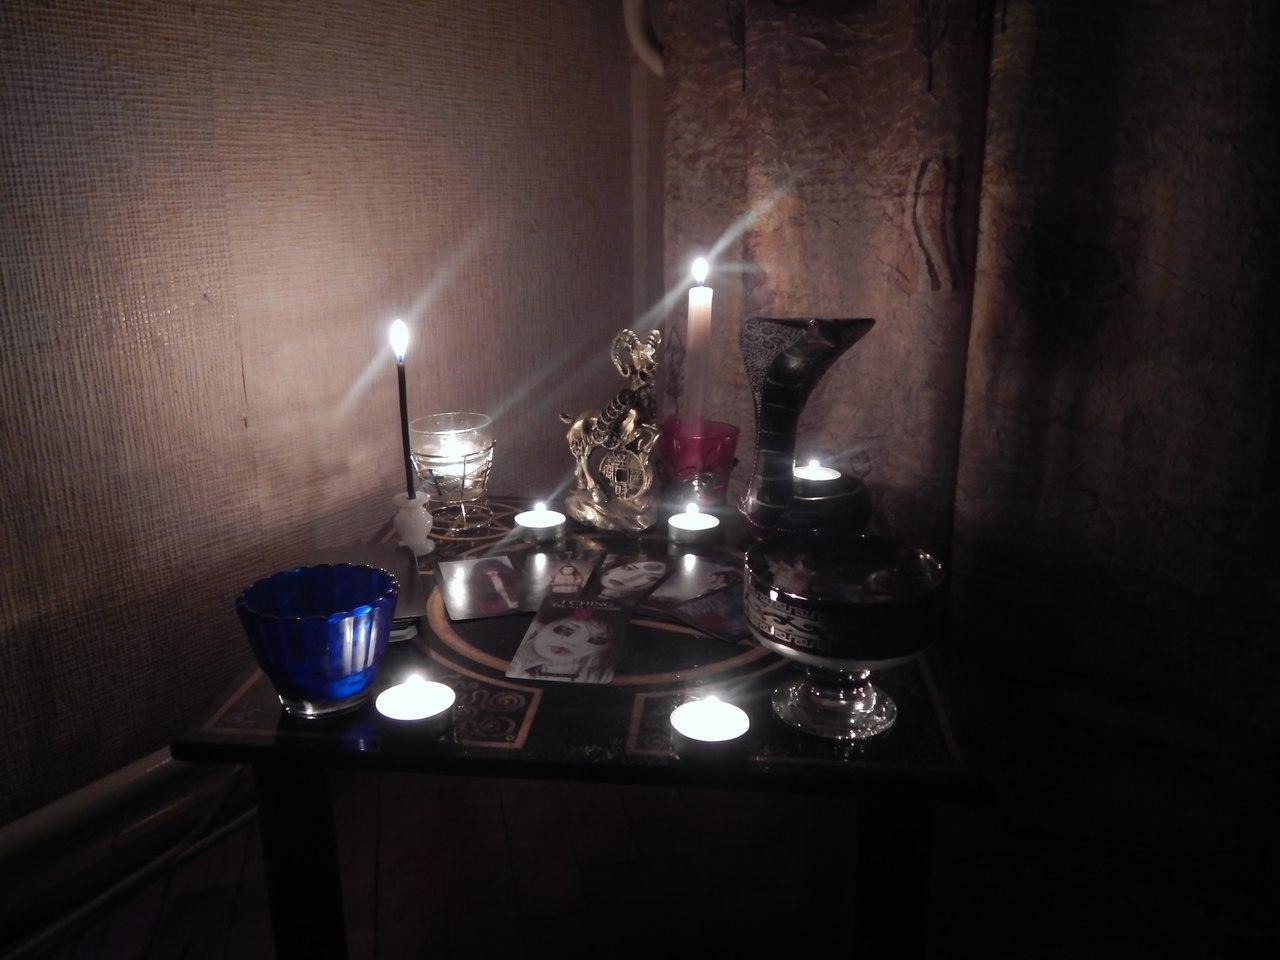 черный отворот на свечу без фото которых представлено